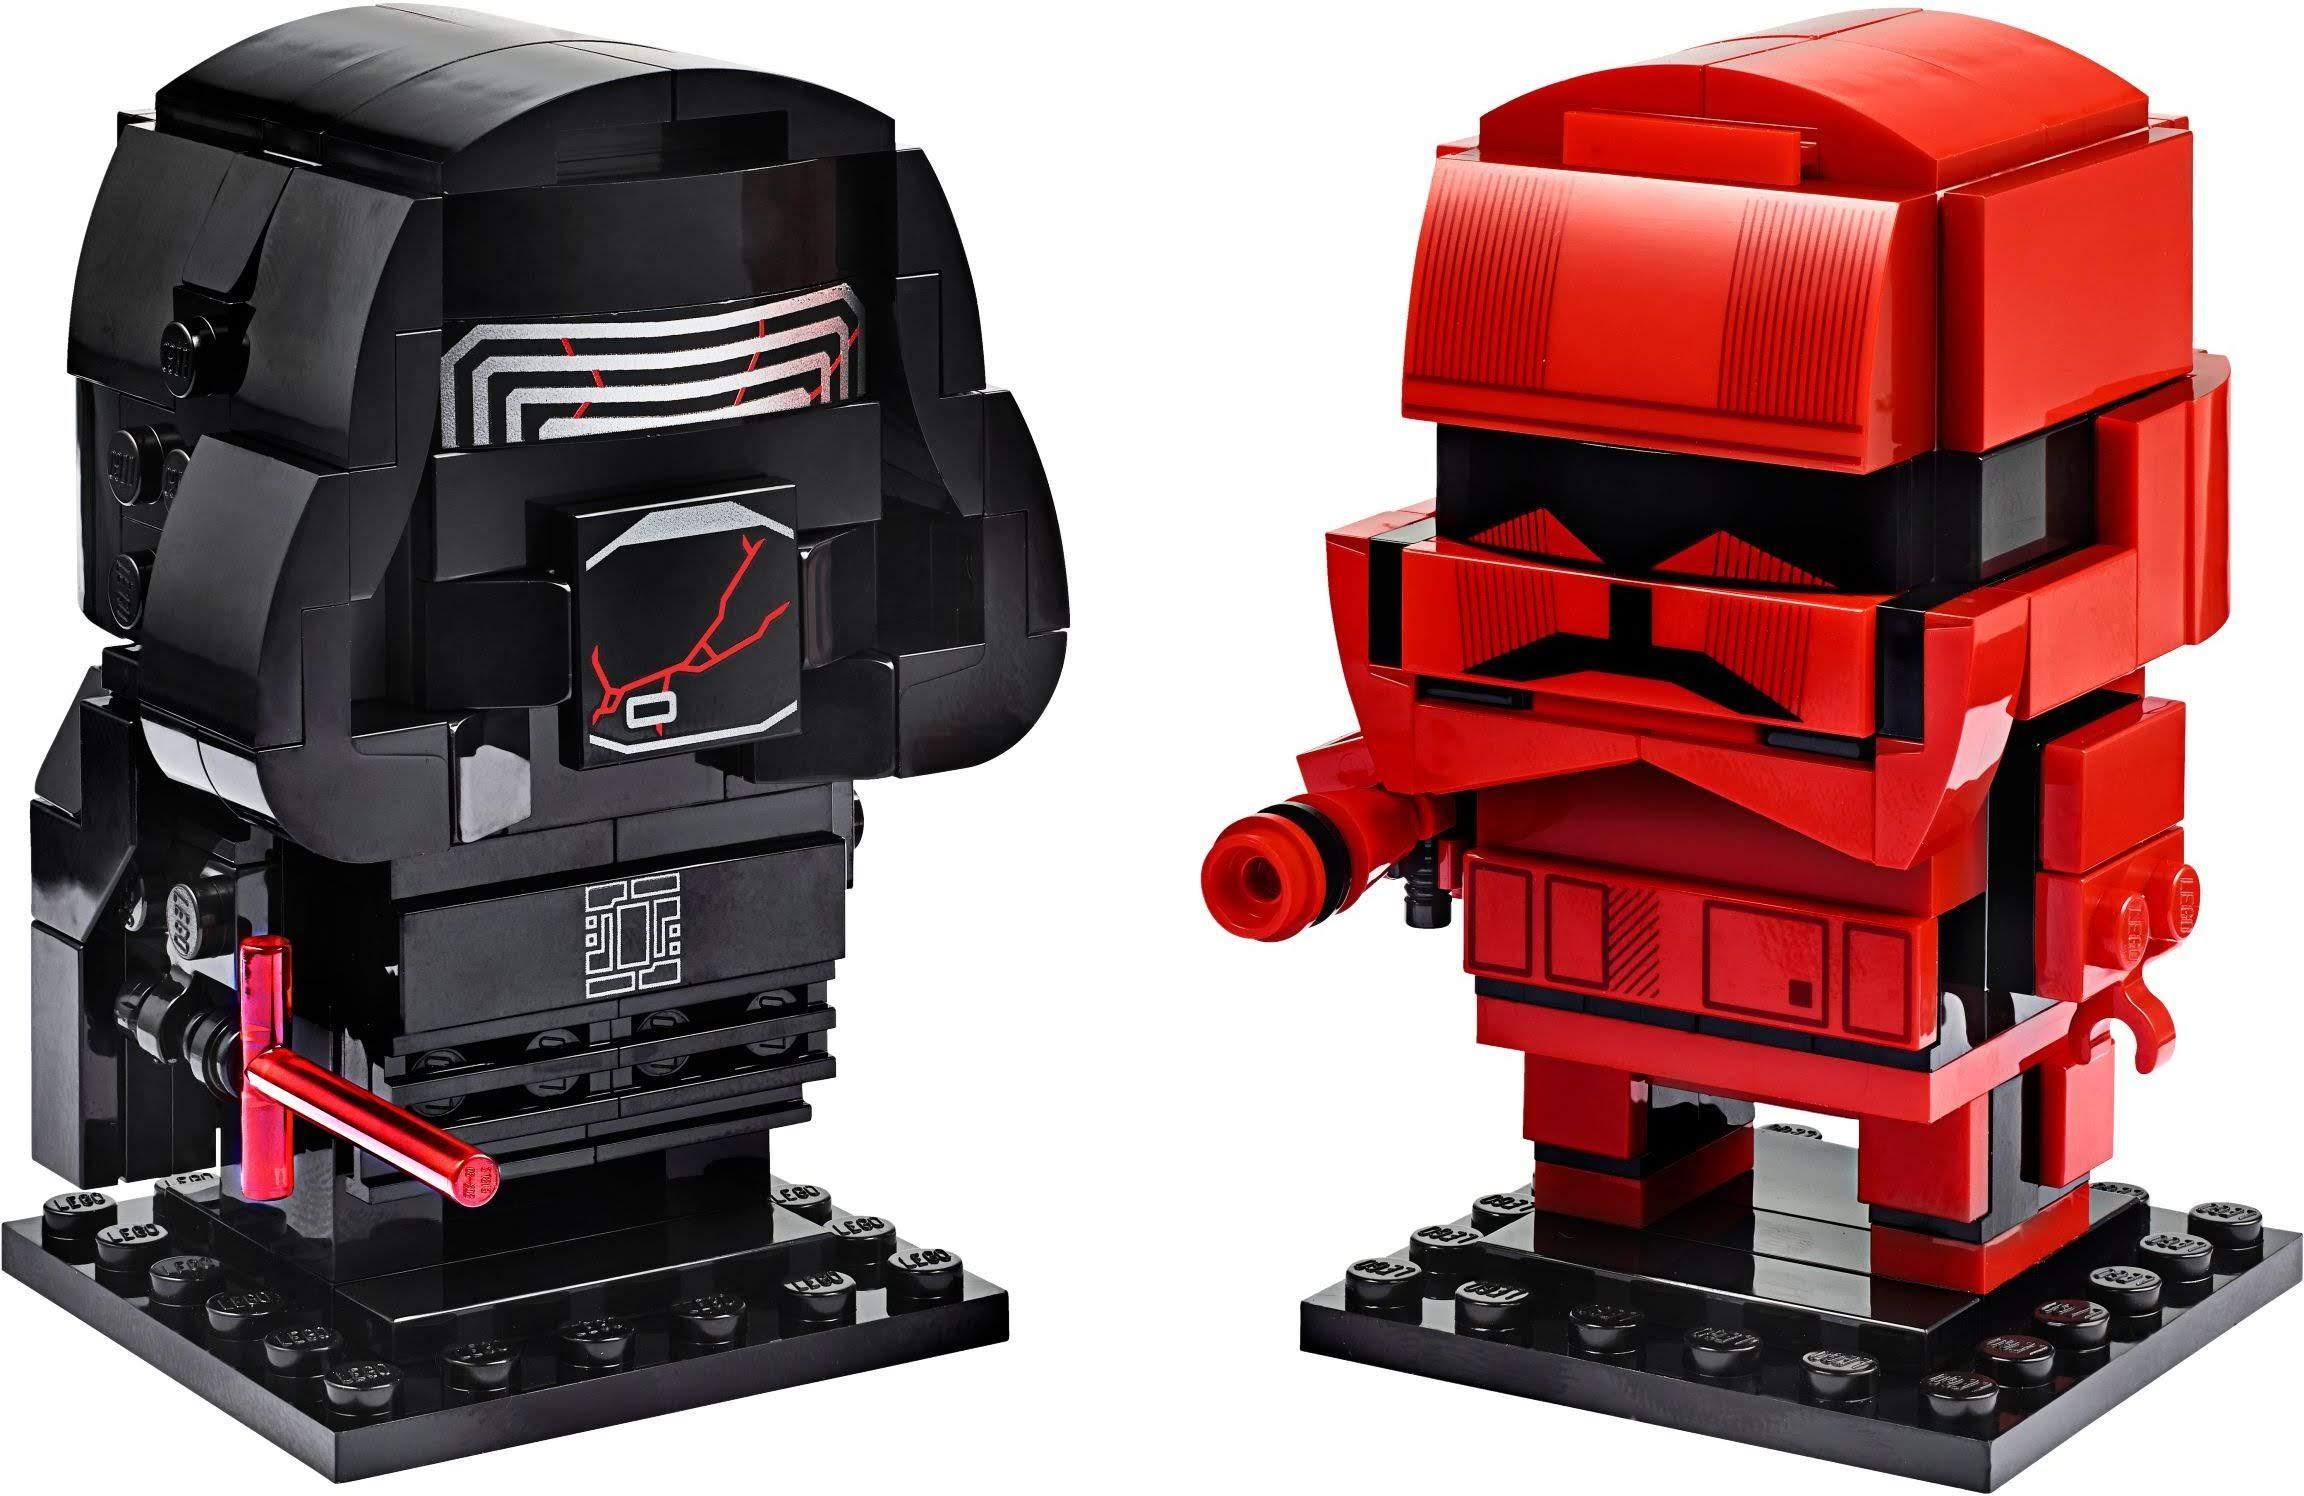 Lego Star Wars Brickheadz Coming In December Bricksfanz